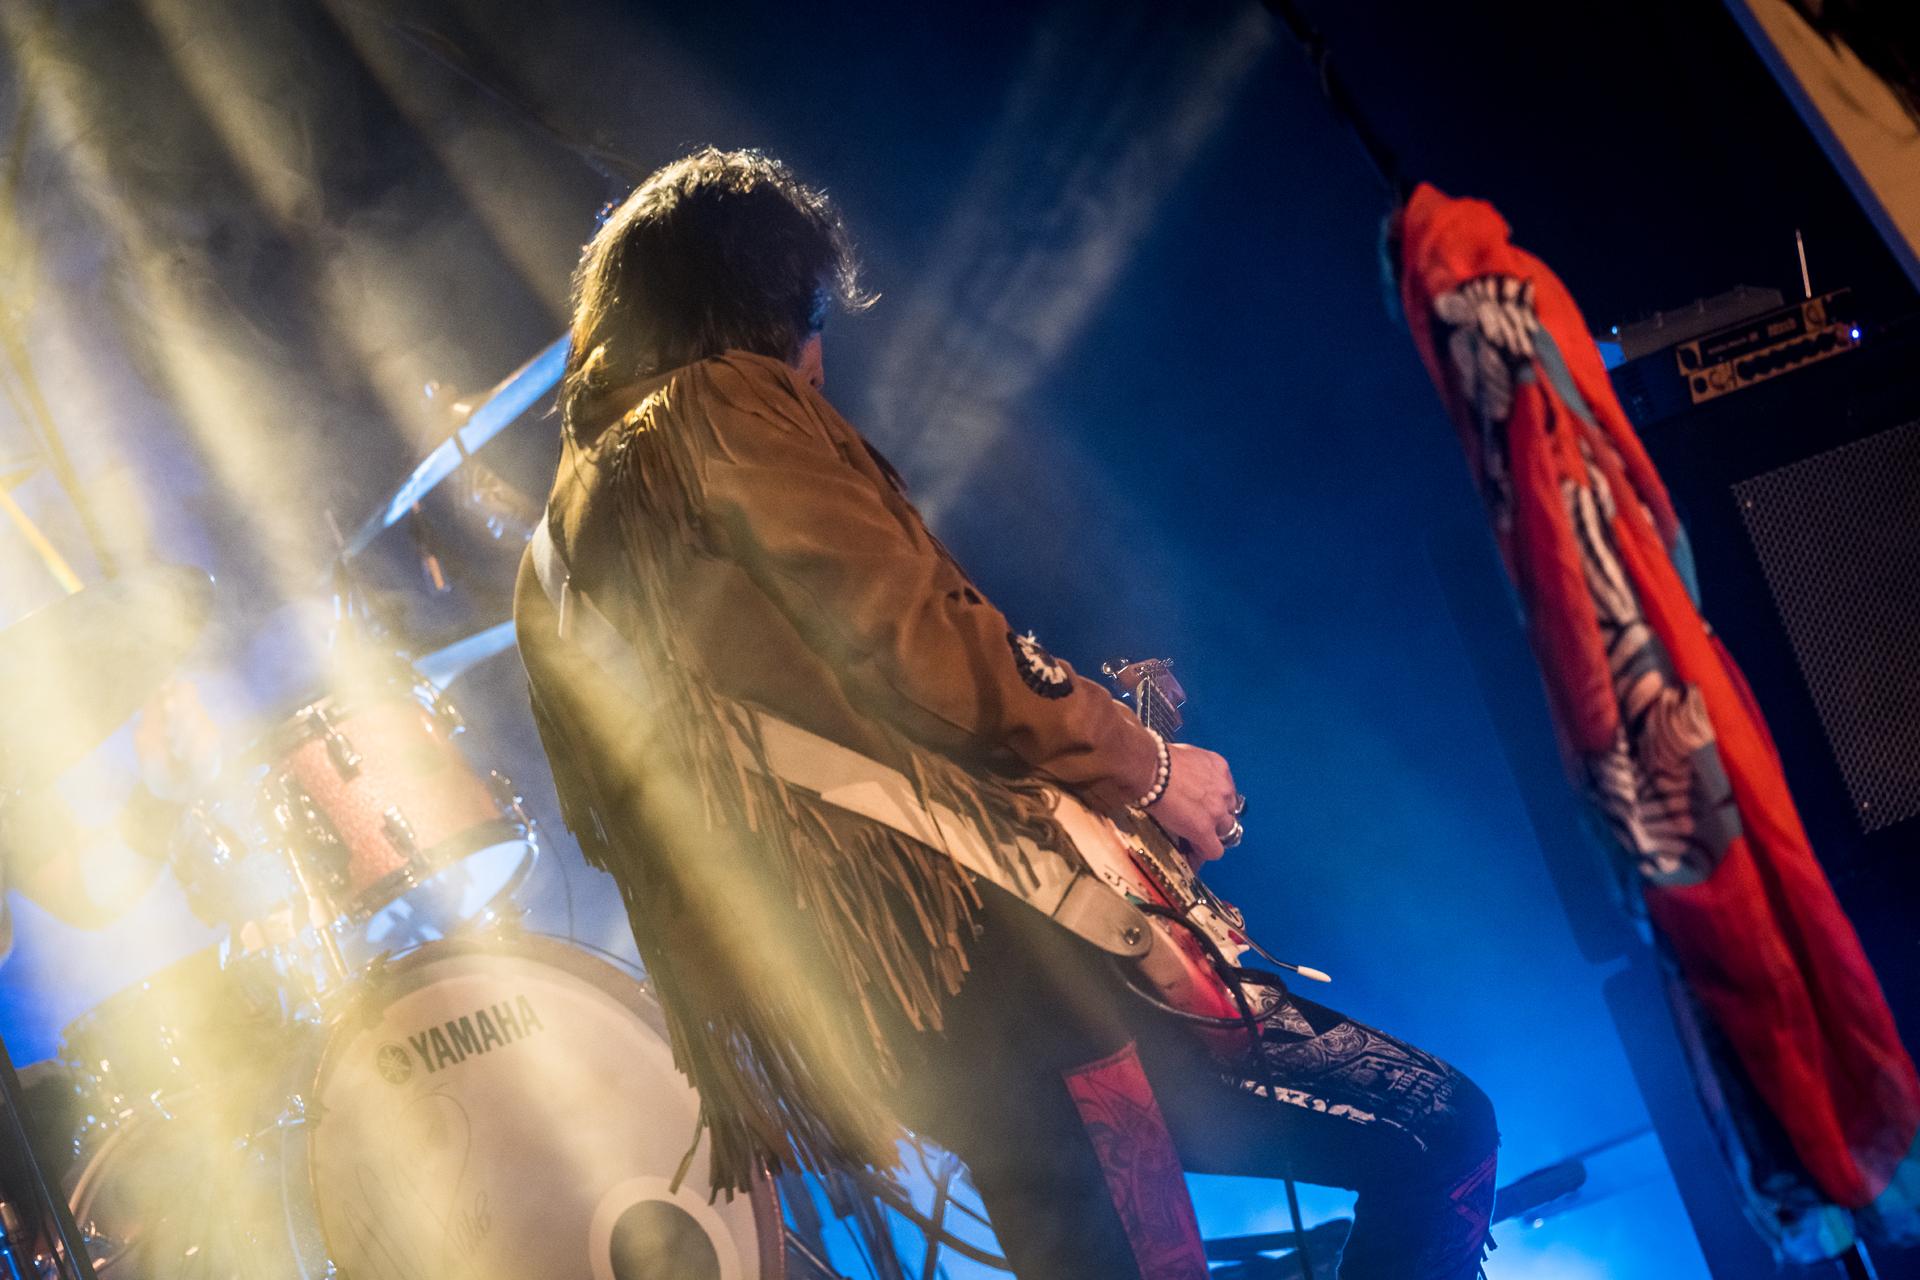 2020_01_15-we4show-Hendrix-©-Luca-Vantusso-211210-GFXS2645